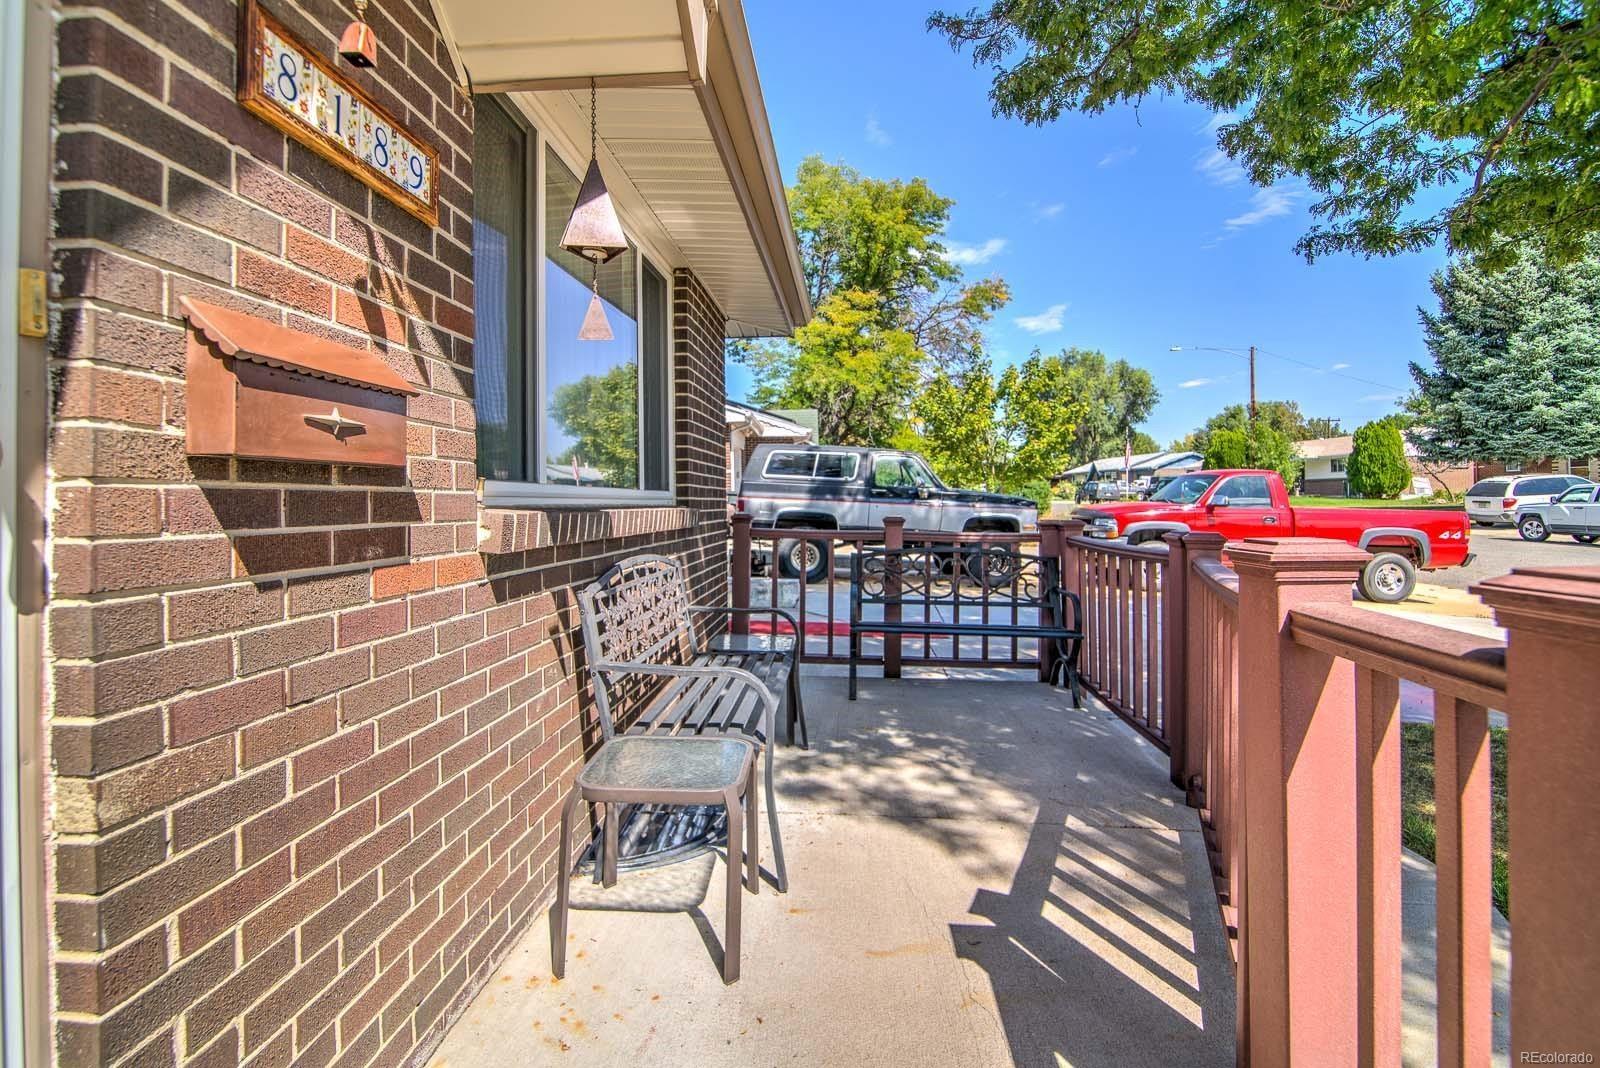 MLS# 8691138 - 2 - 8189 Benton Way, Arvada, CO 80003